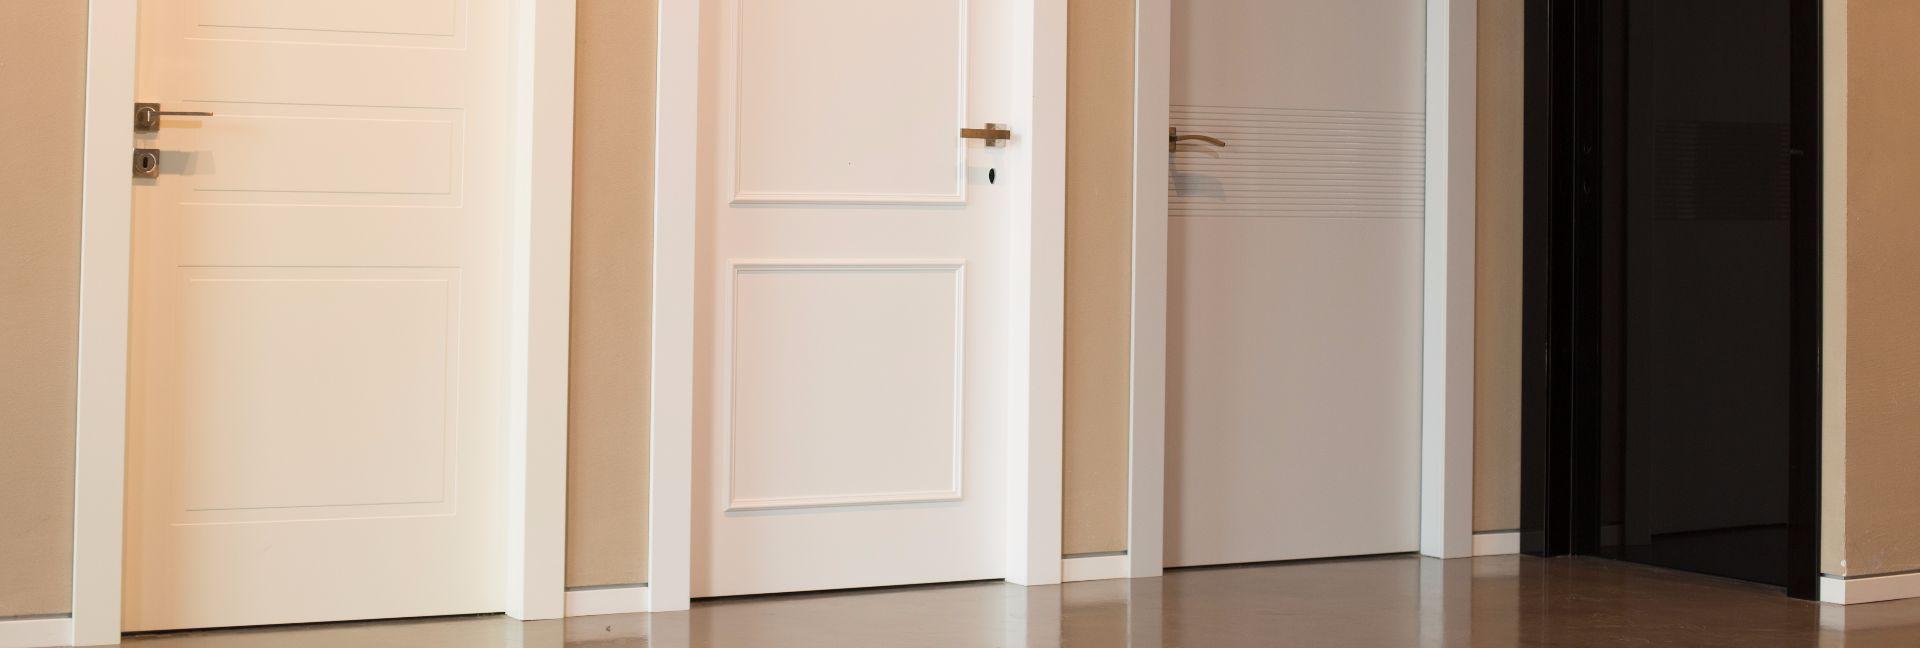 לסלידר-דלתות-צבע-עם-מגוון-דגמי-חריטה